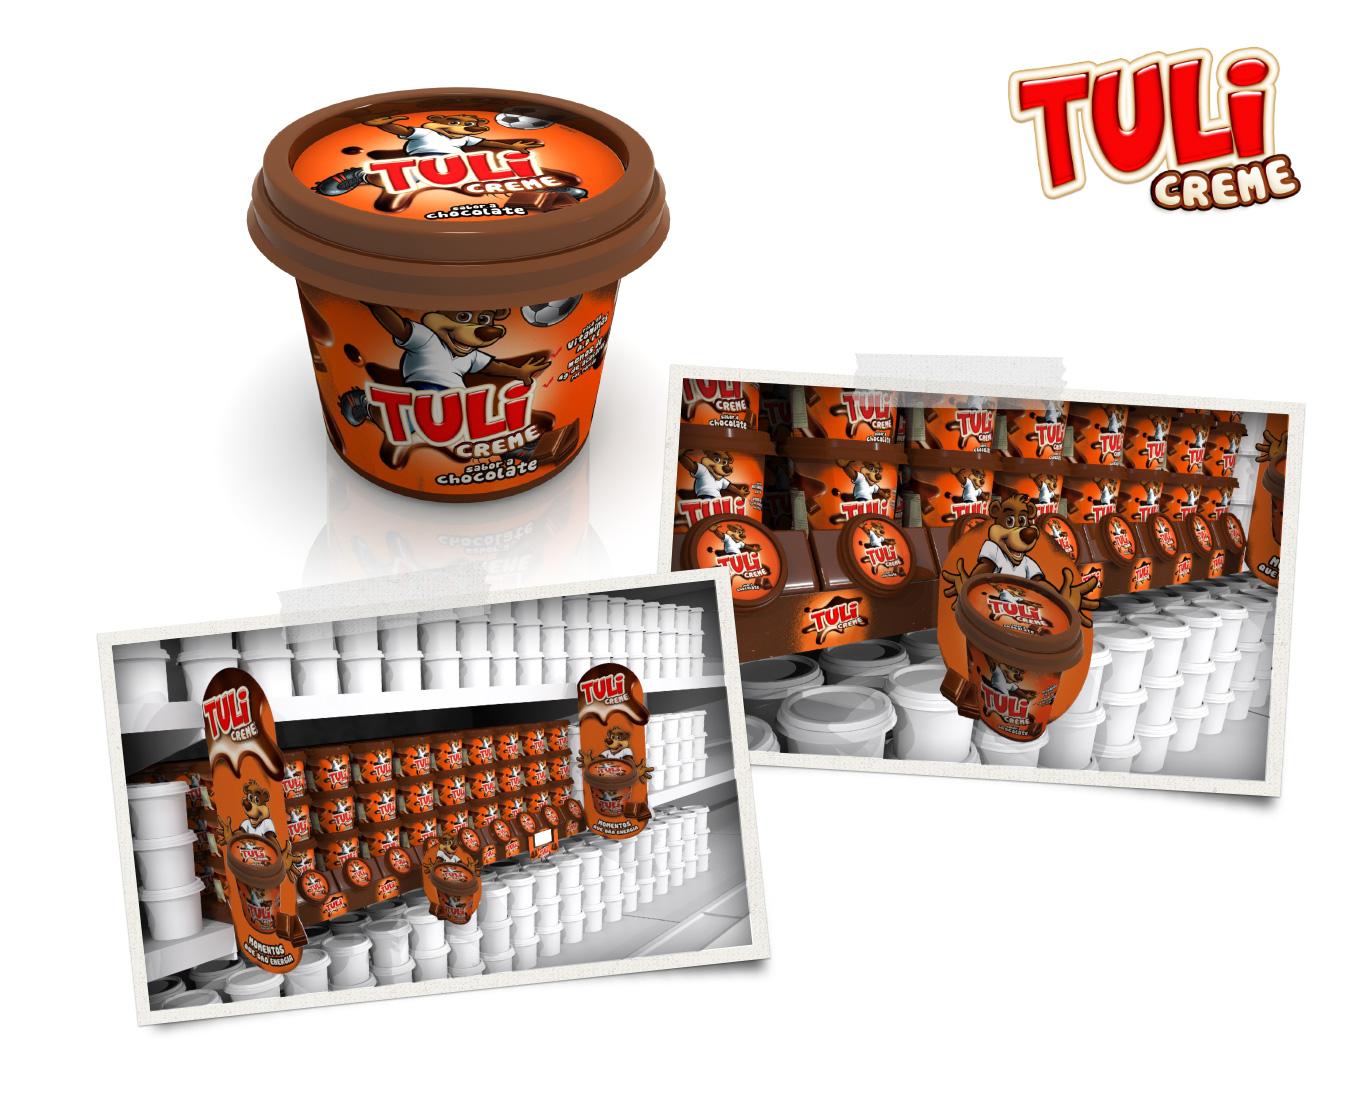 Tulicreme_full